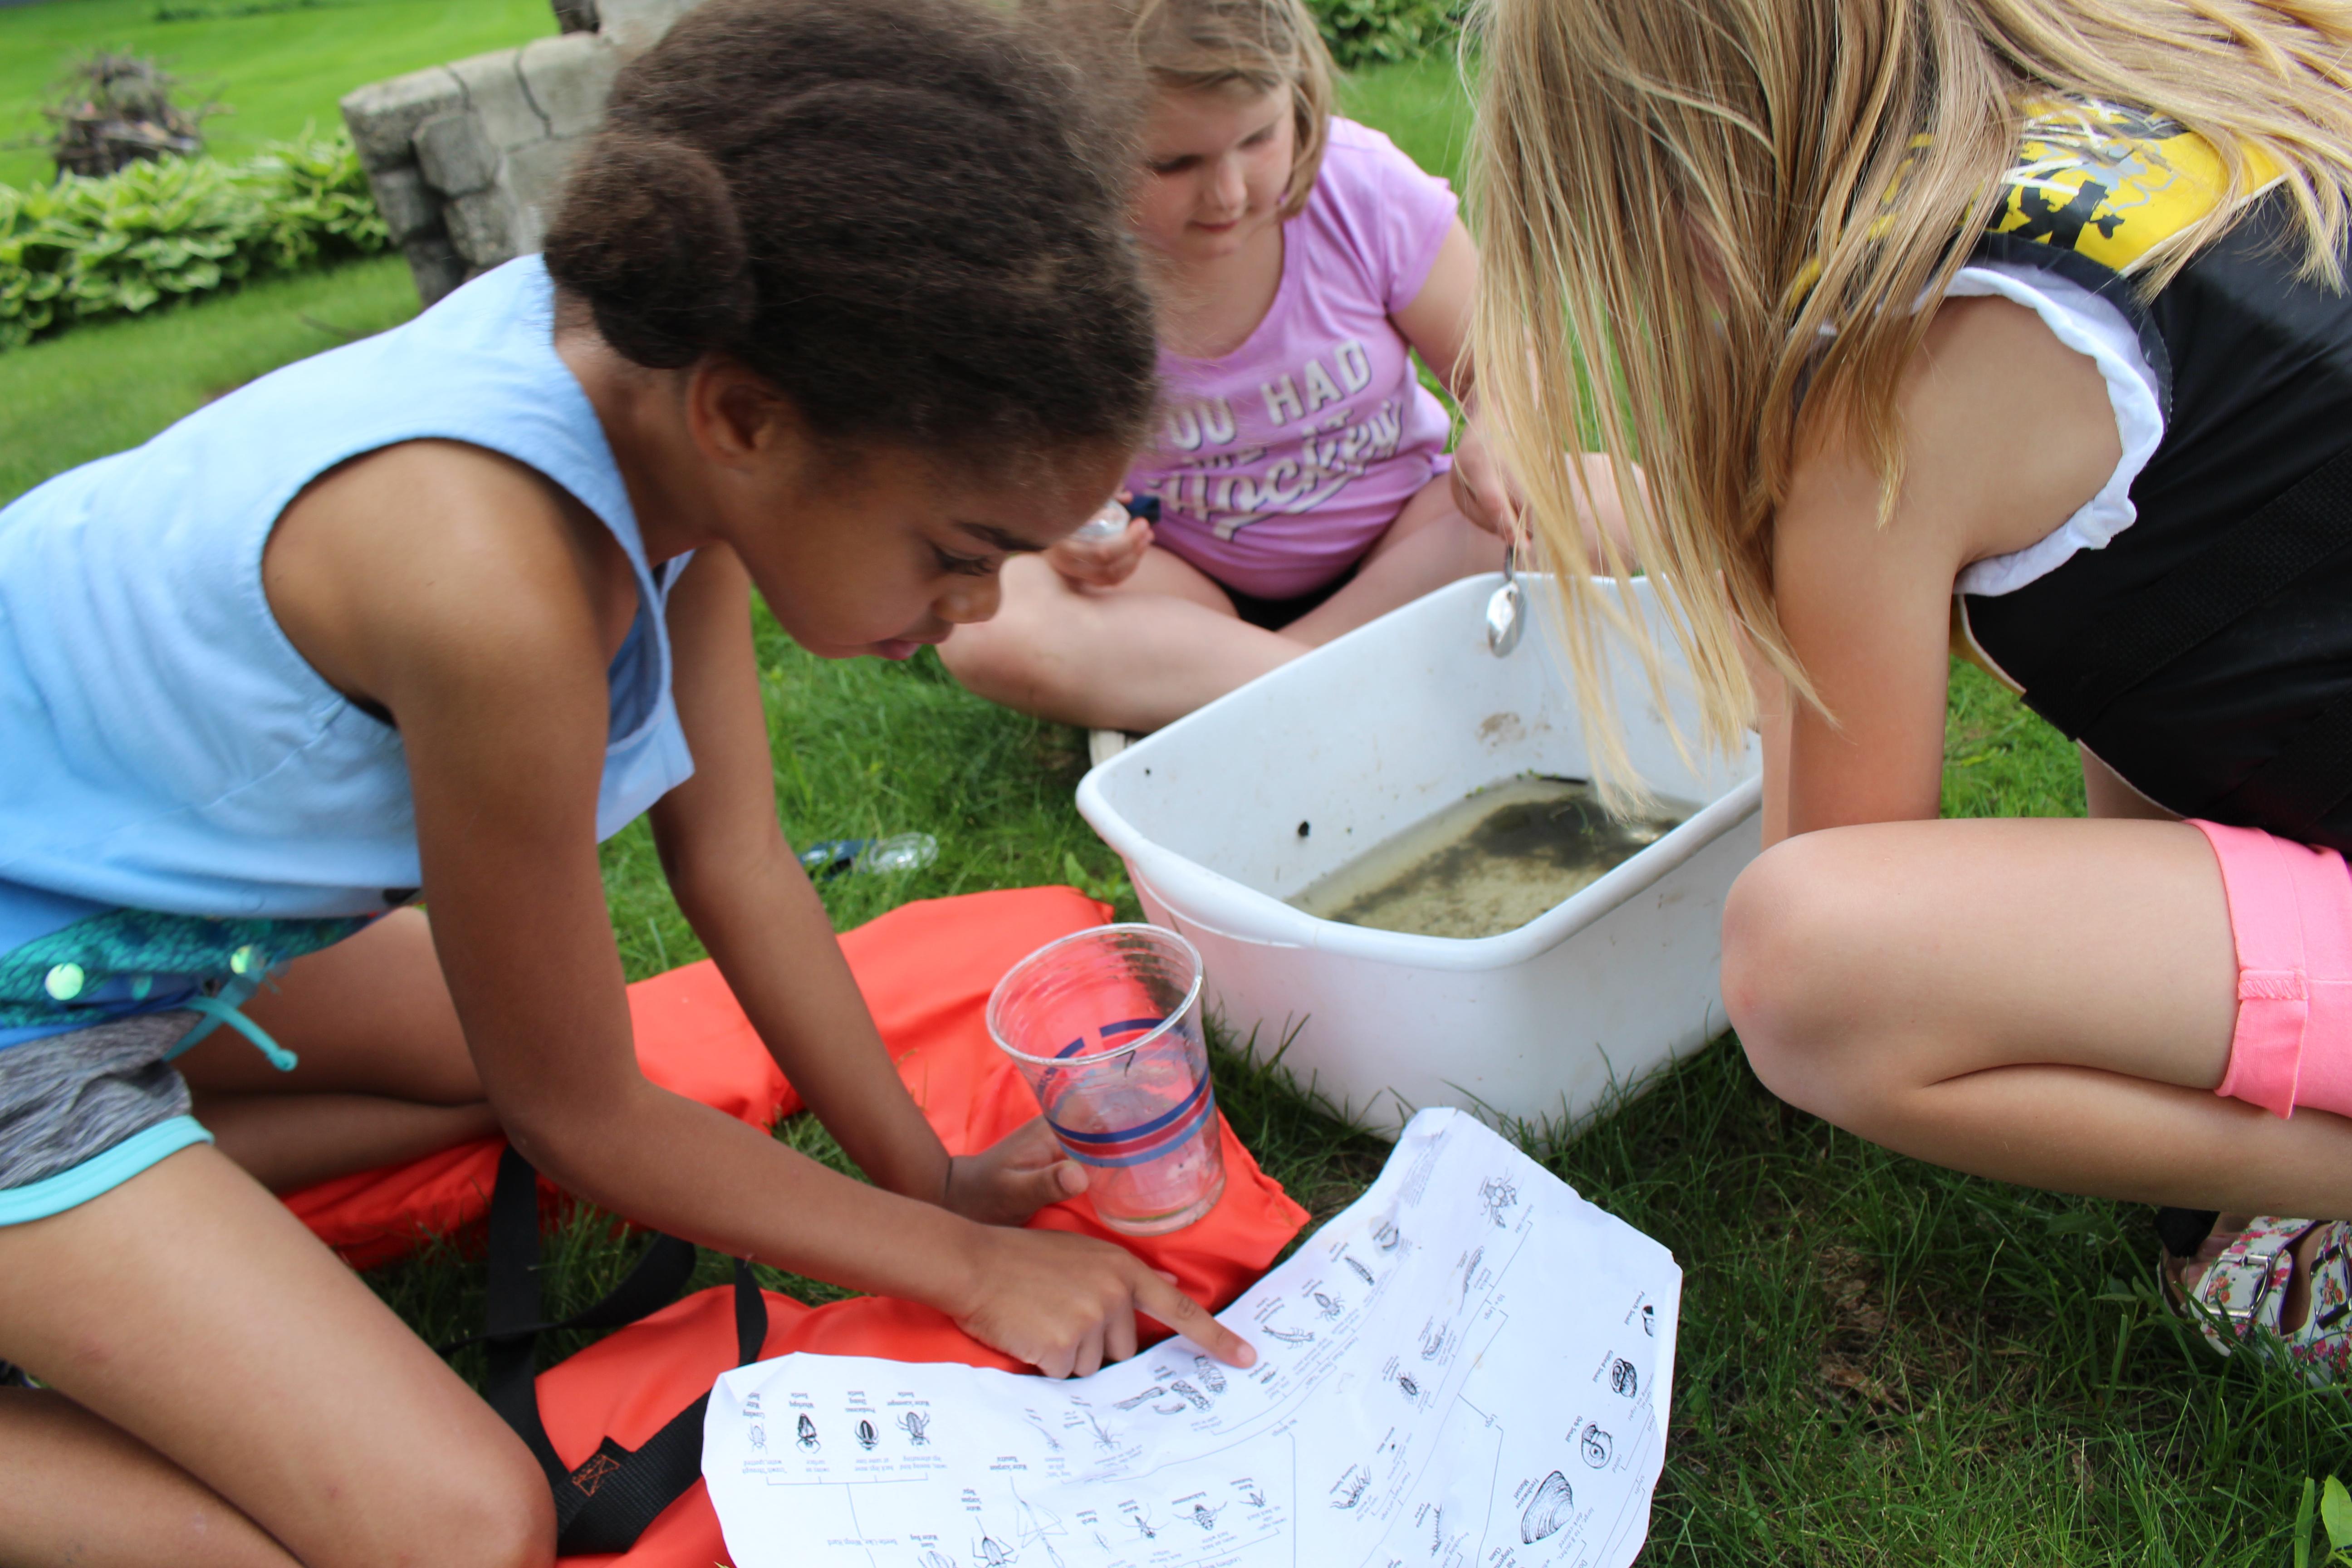 Students studying Macroinvertebrates